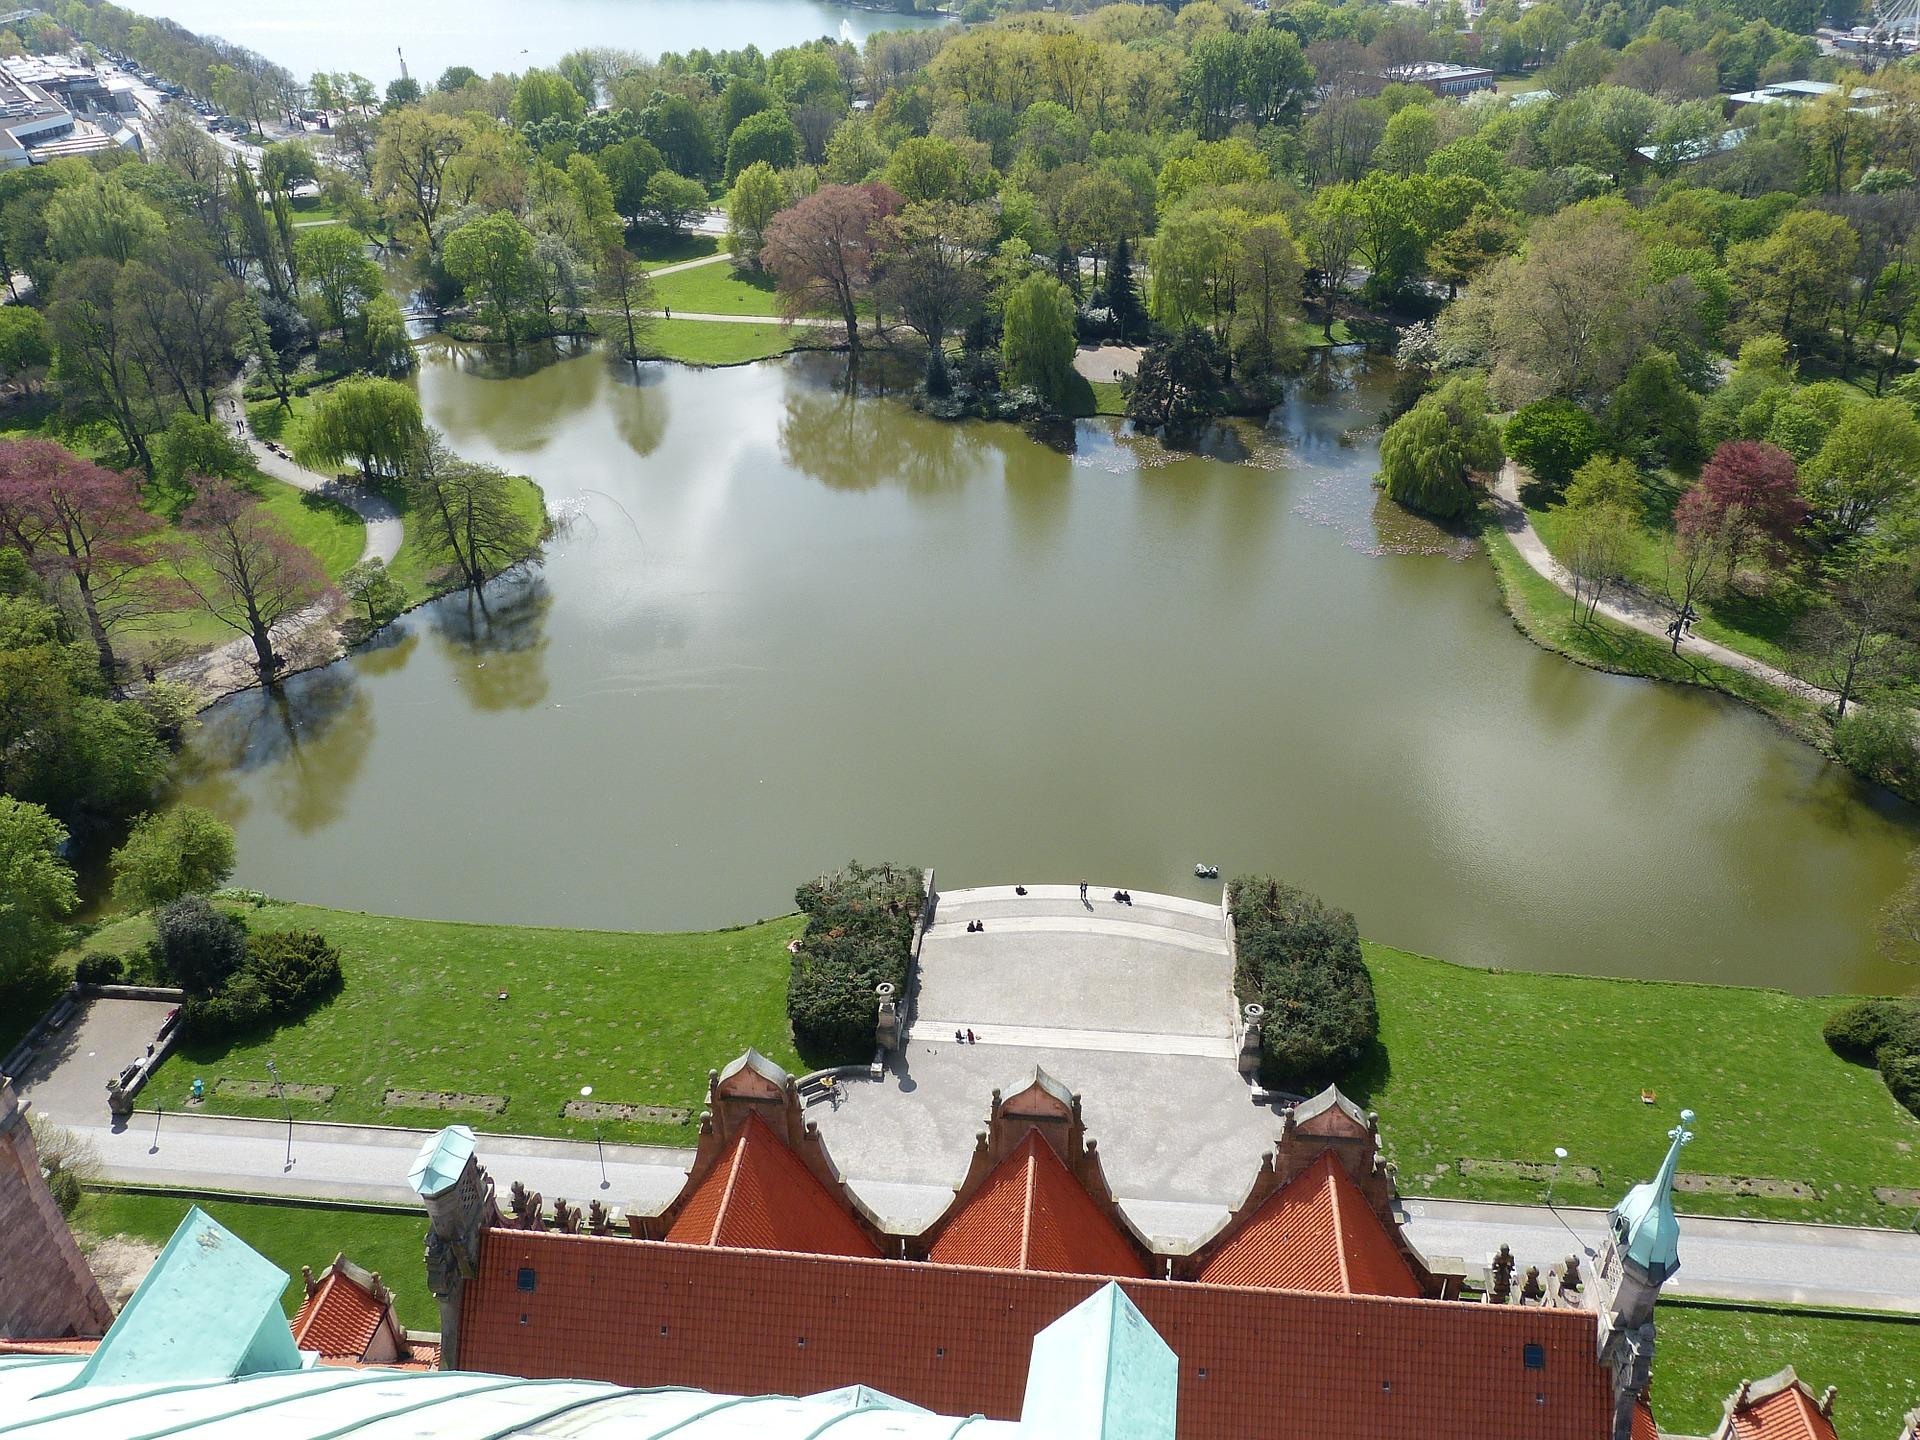 Pflegeheim zu verkaufen in Niedersachsen